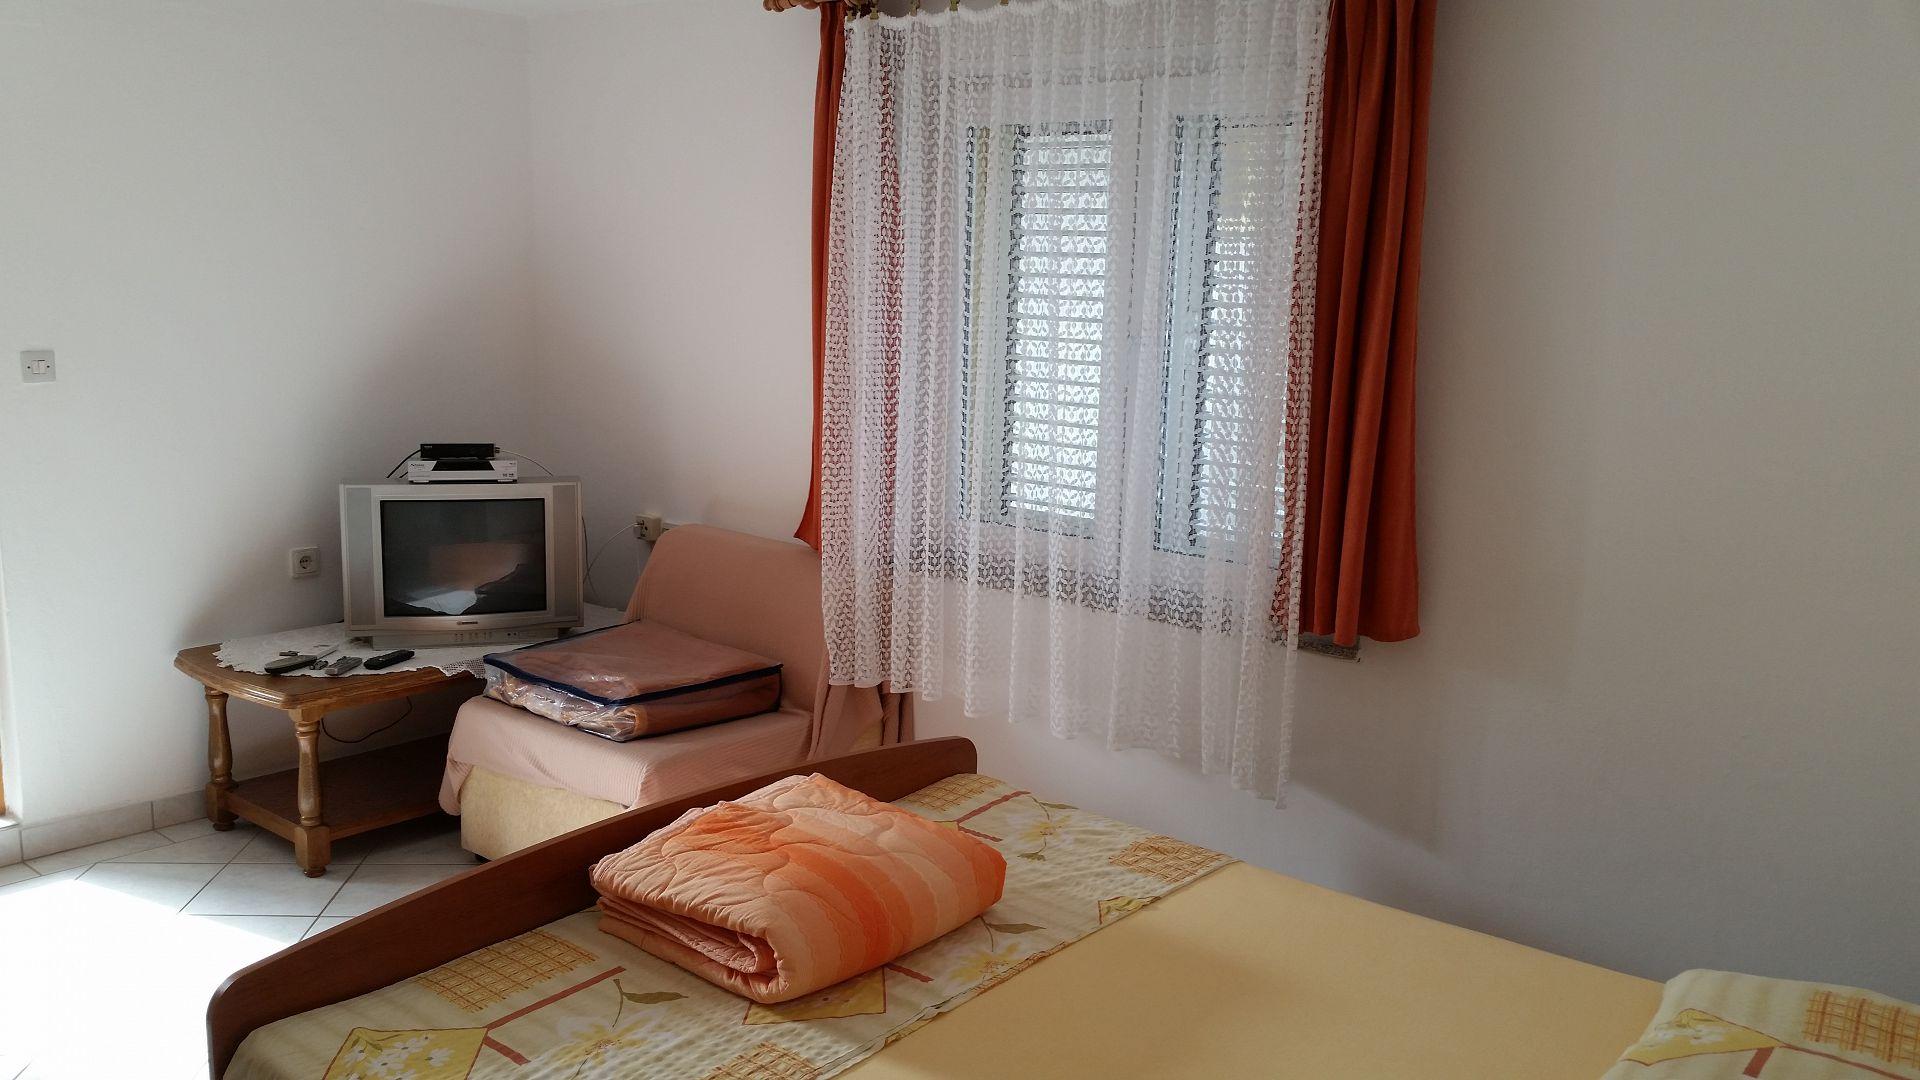 A00106PIRO - Pirovac - Ferienwohnungen Kroatien - SA3(2): Innenausstattung